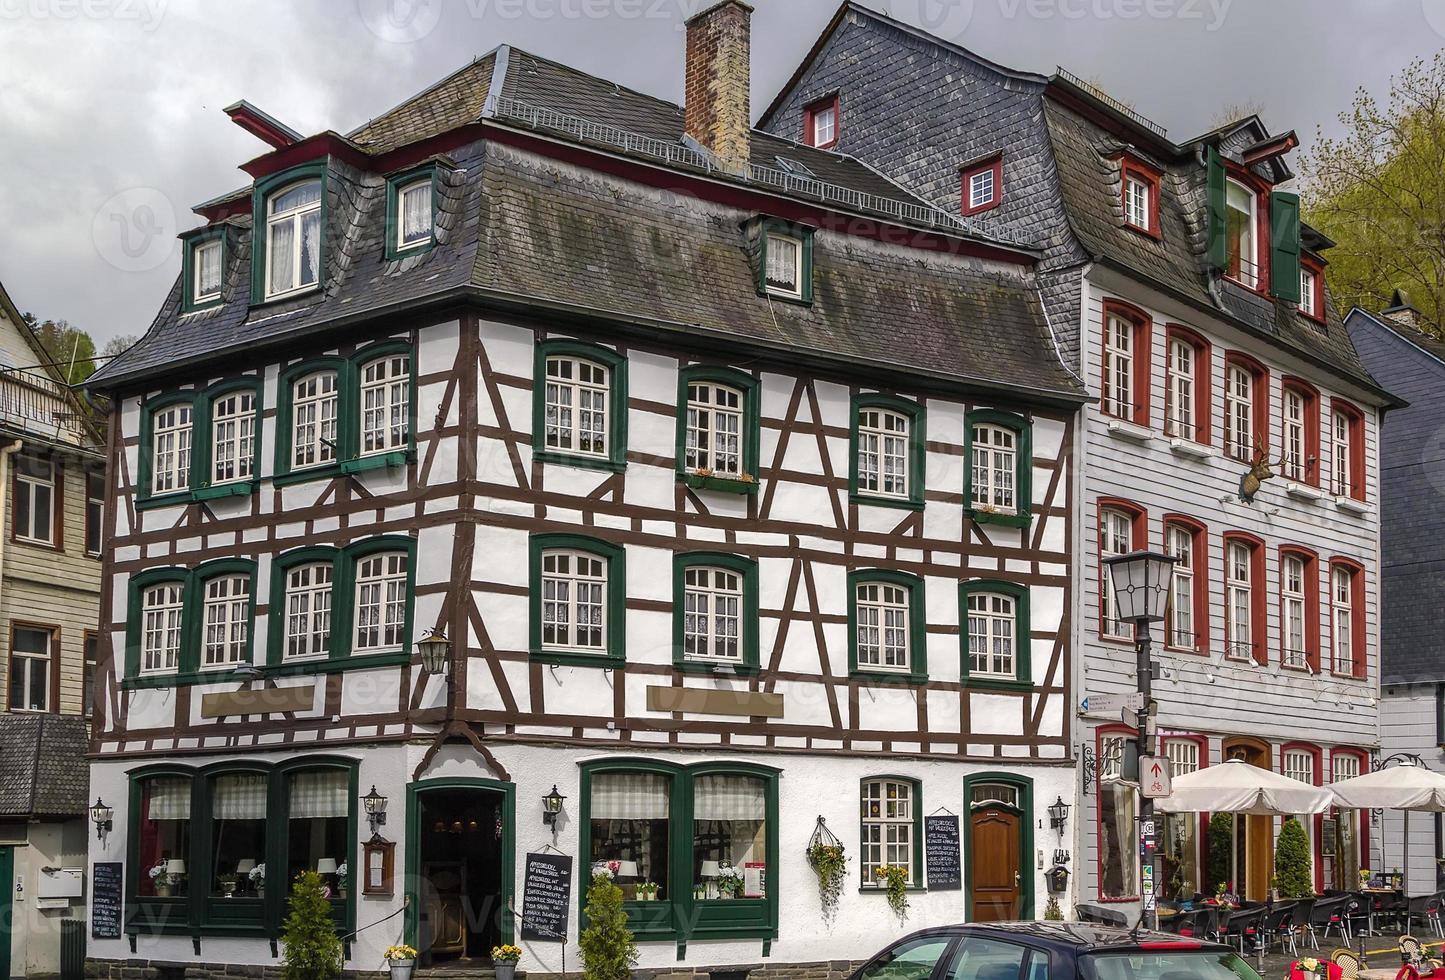 historiska hus i Monschau, Tyskland foto